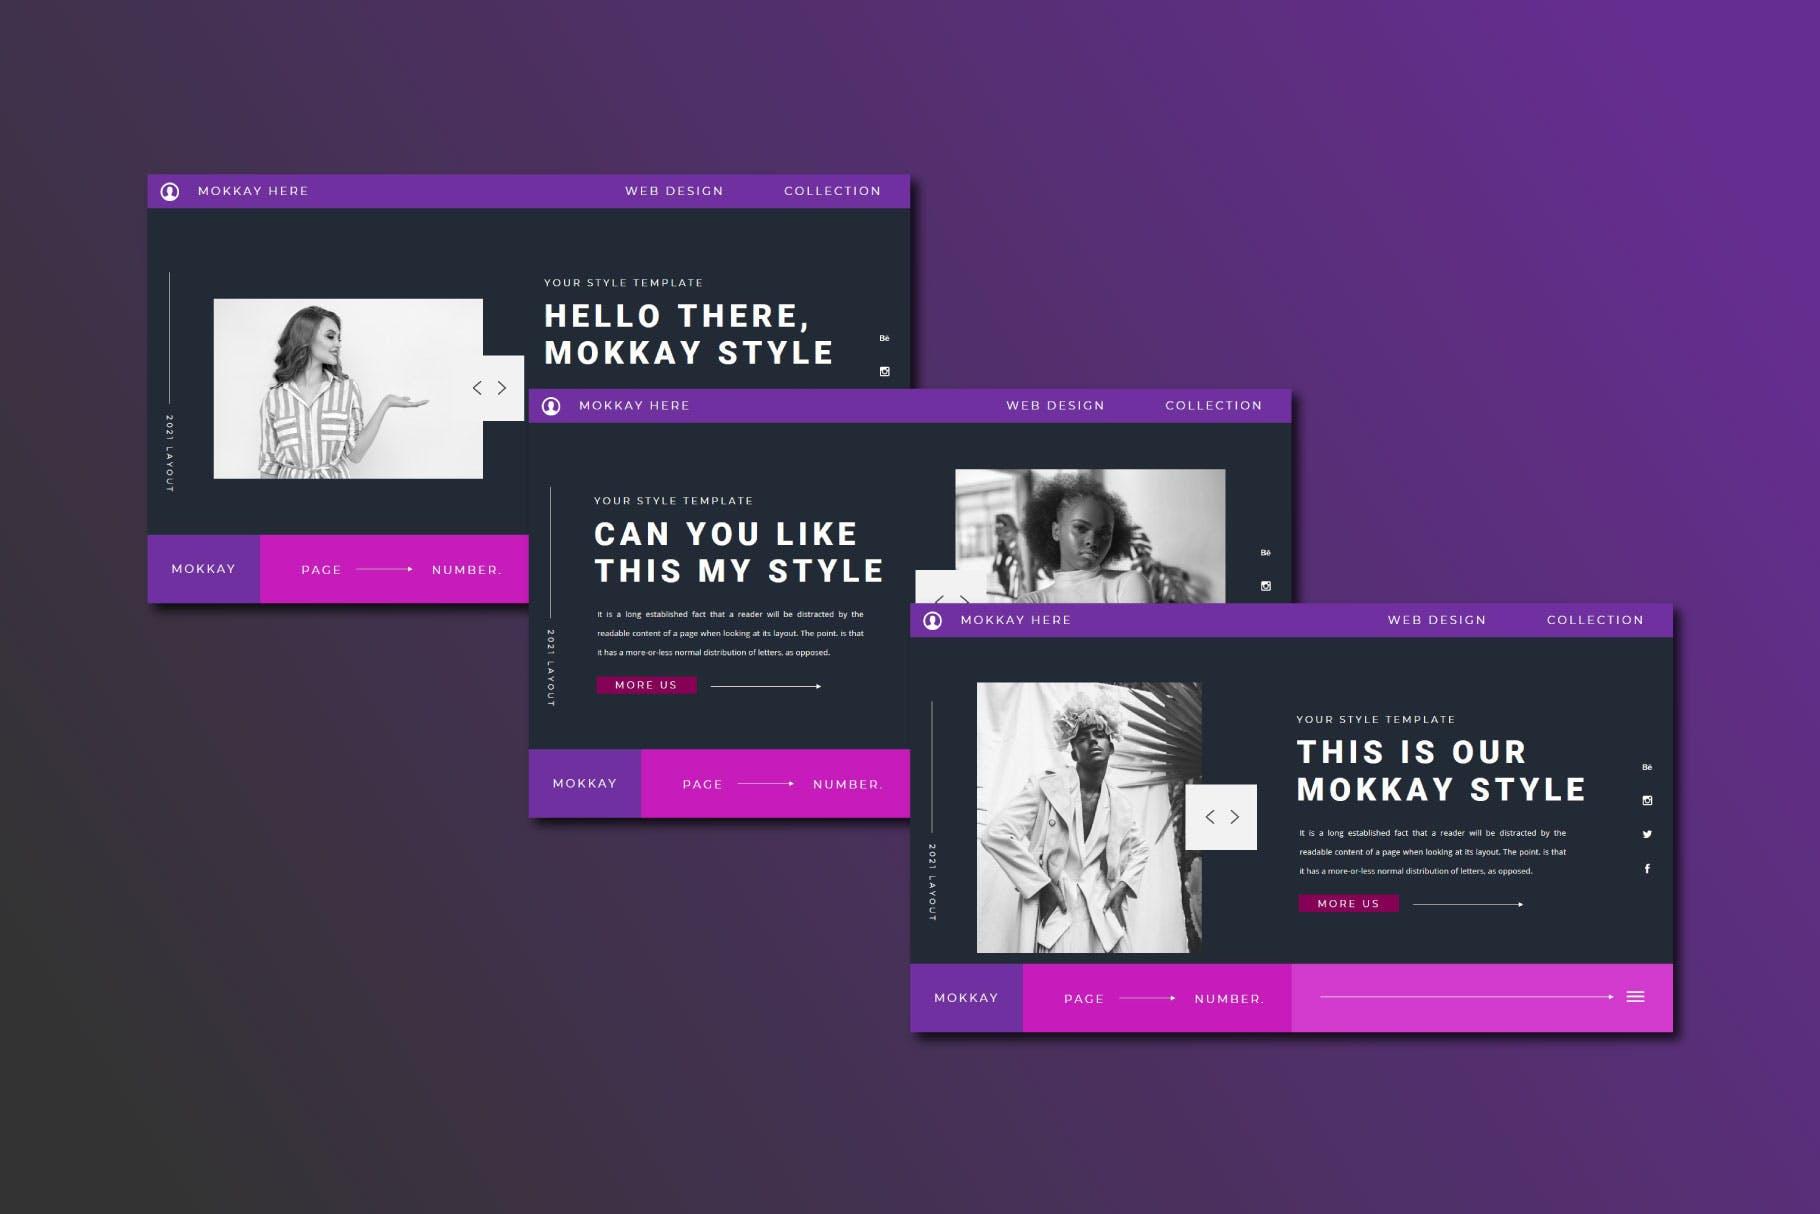 潮流服装摄影作品集图文排版 Keynote设计模板 MOKKAY Keynote Template插图3